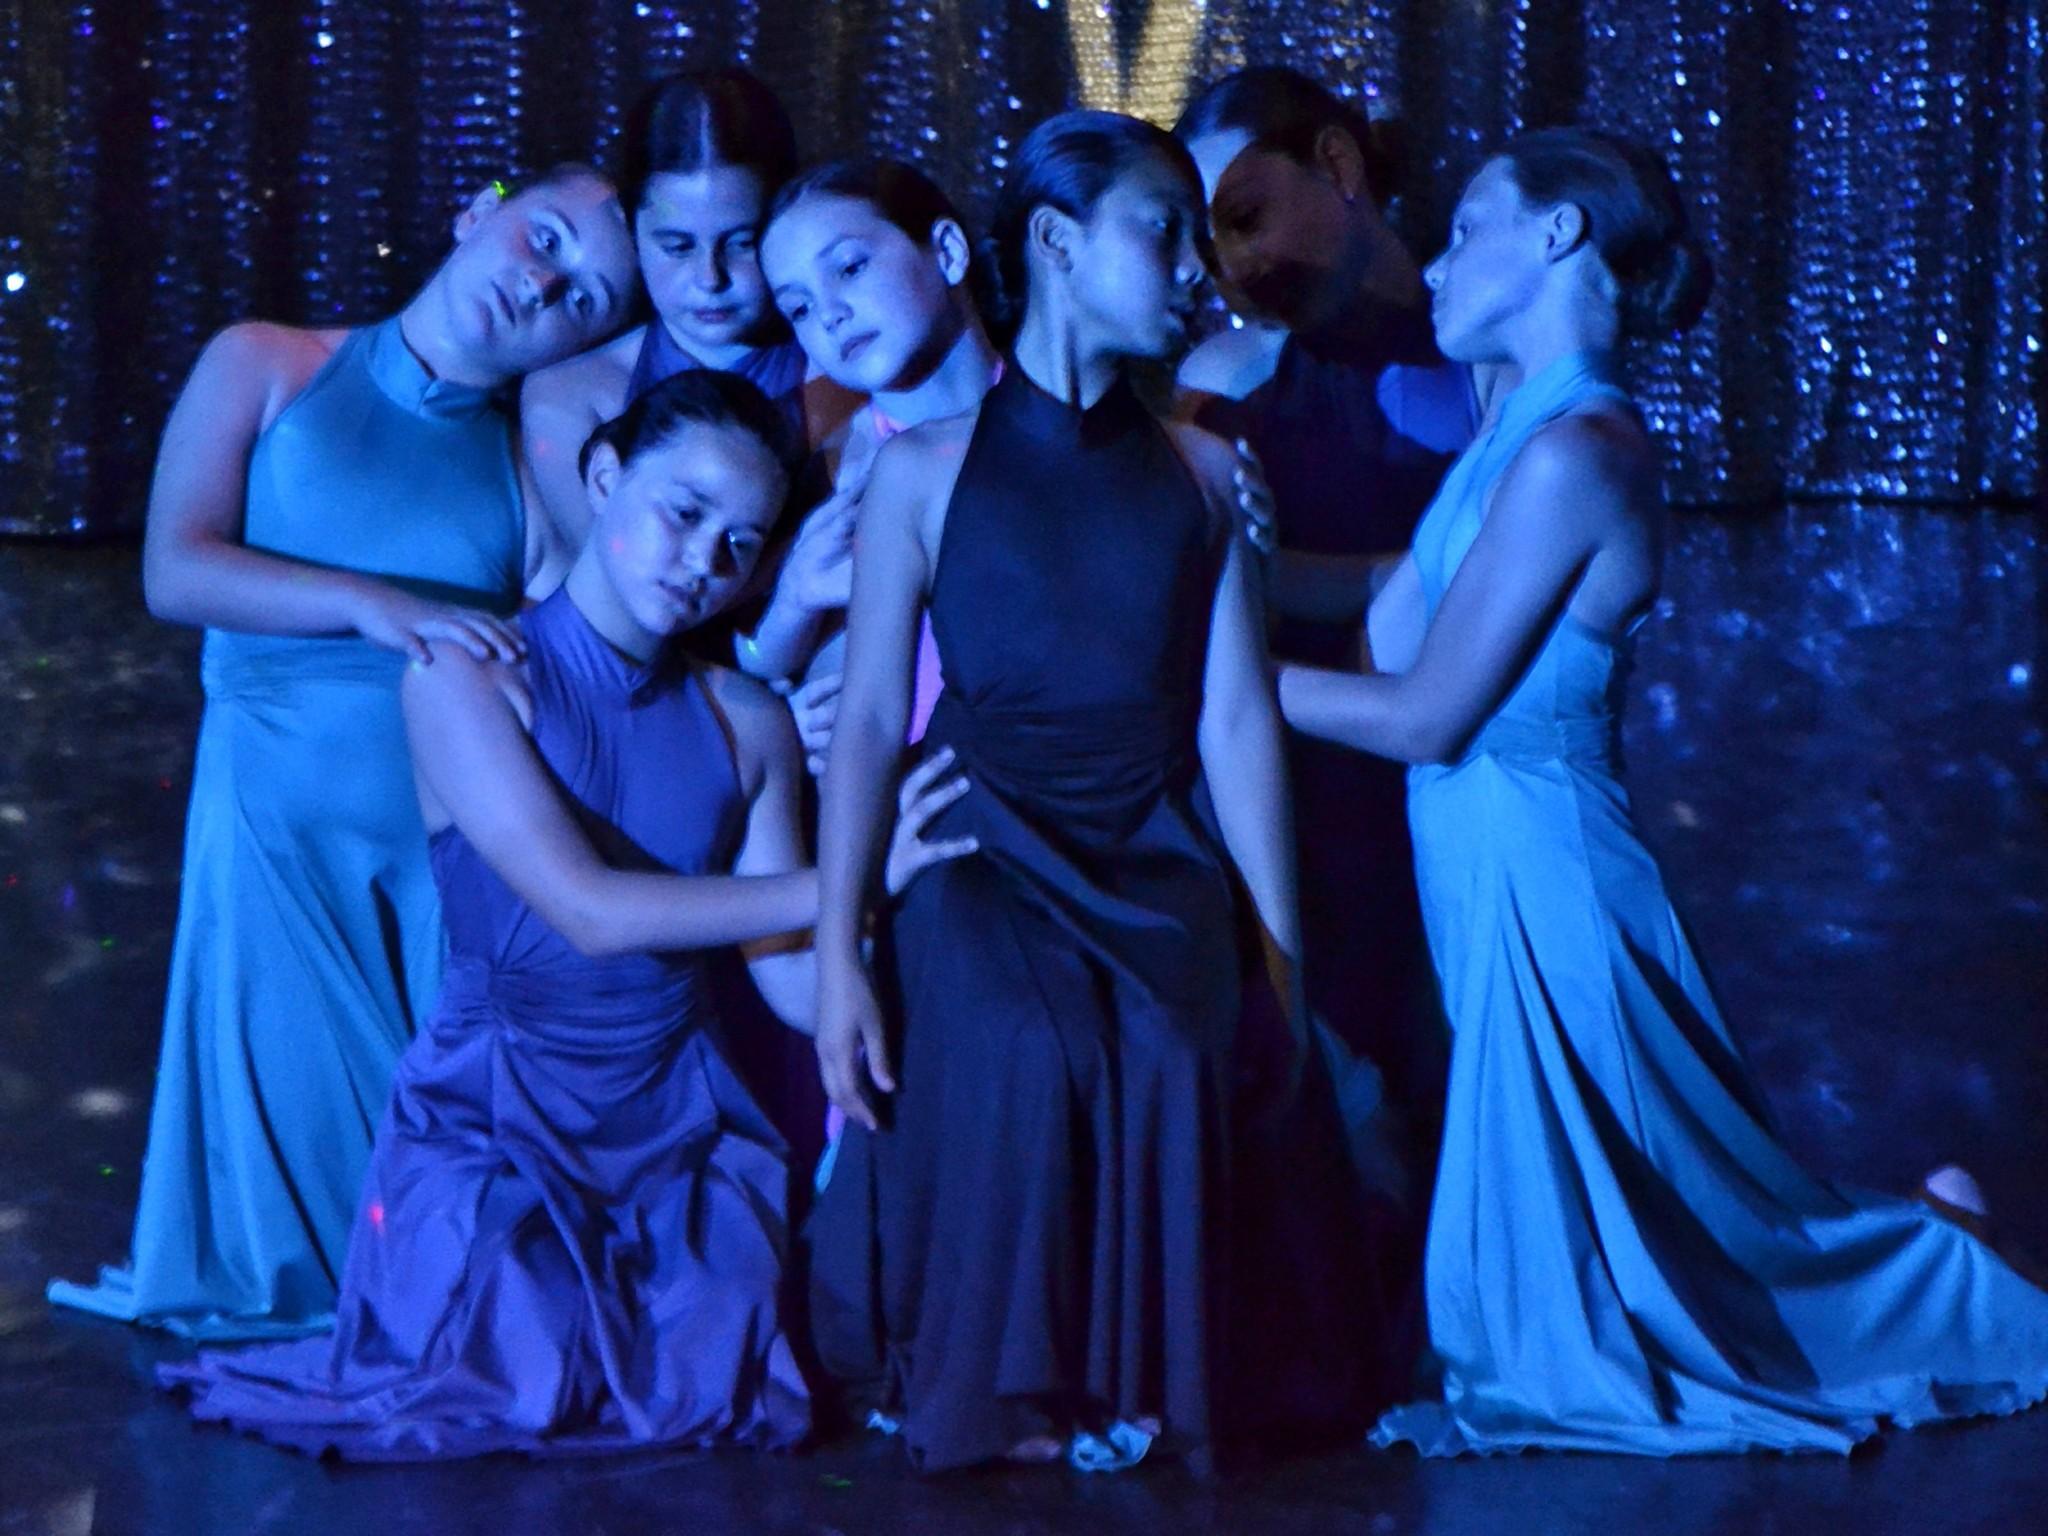 Linea-de-Baile-festival-verano-2015-clases-de-baile-valencia-61